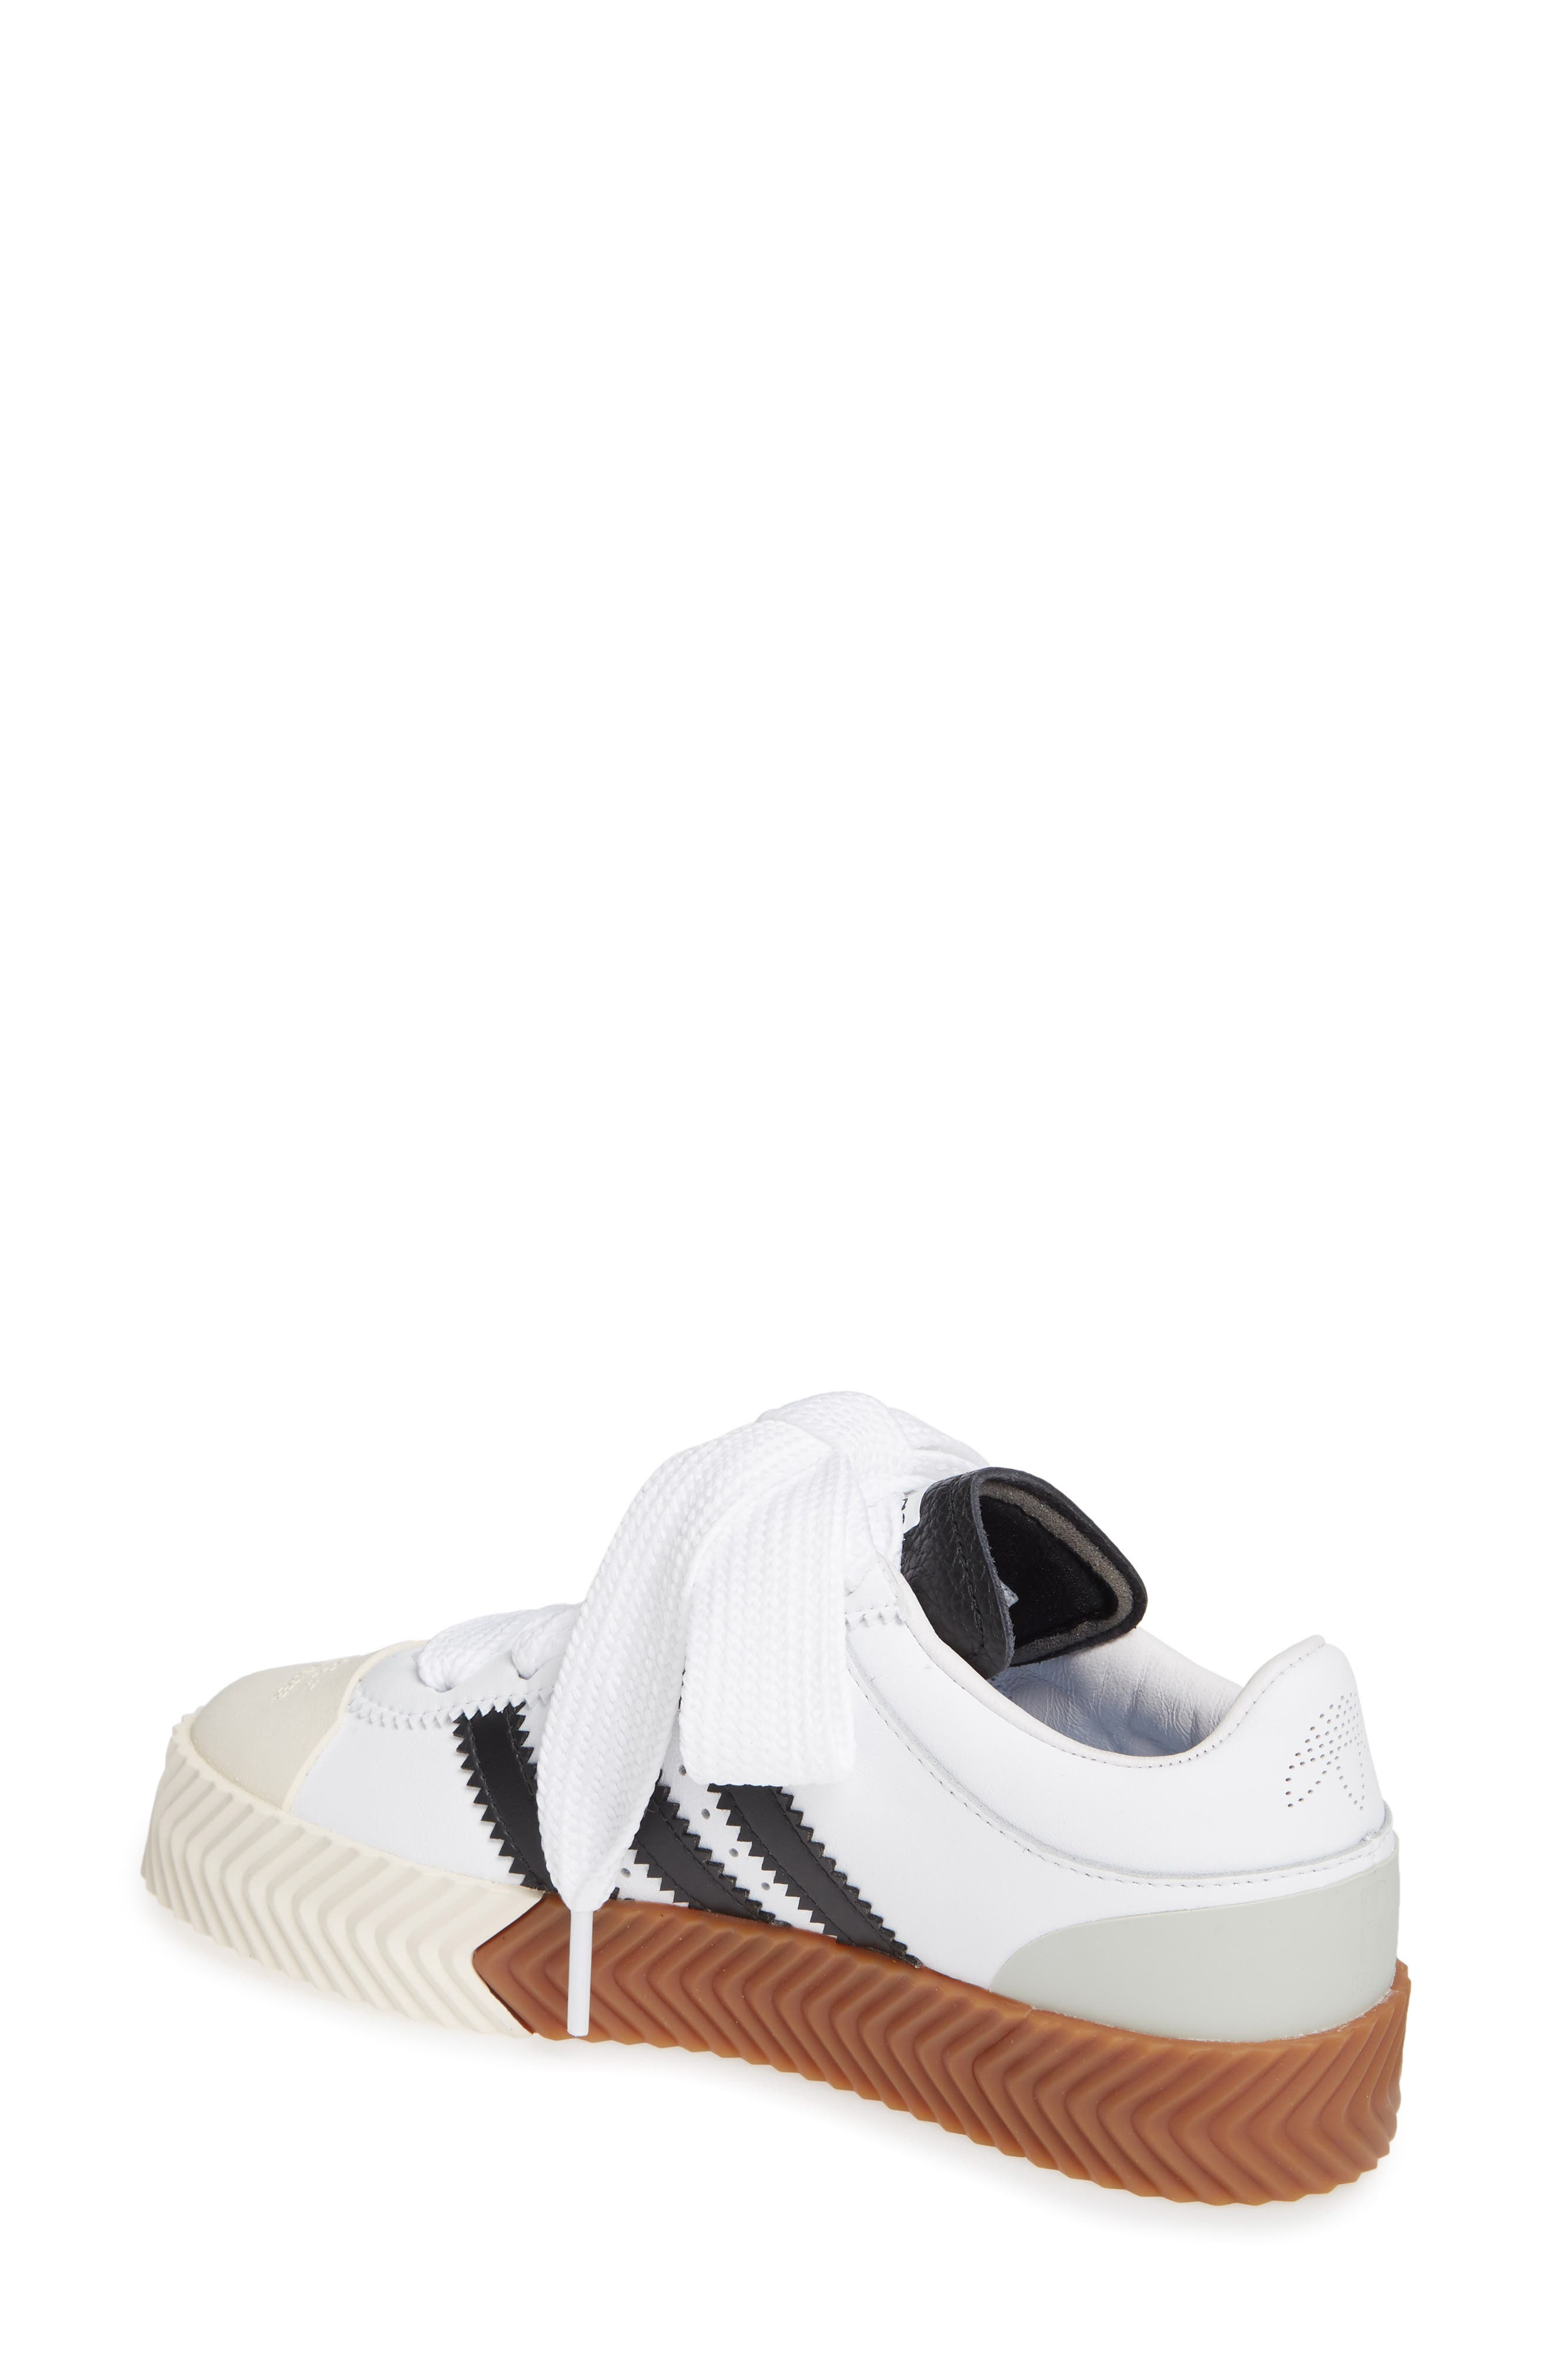 Skate Super Sneaker,                             Alternate thumbnail 2, color,                             WHITE/ BLACK/ BROWN